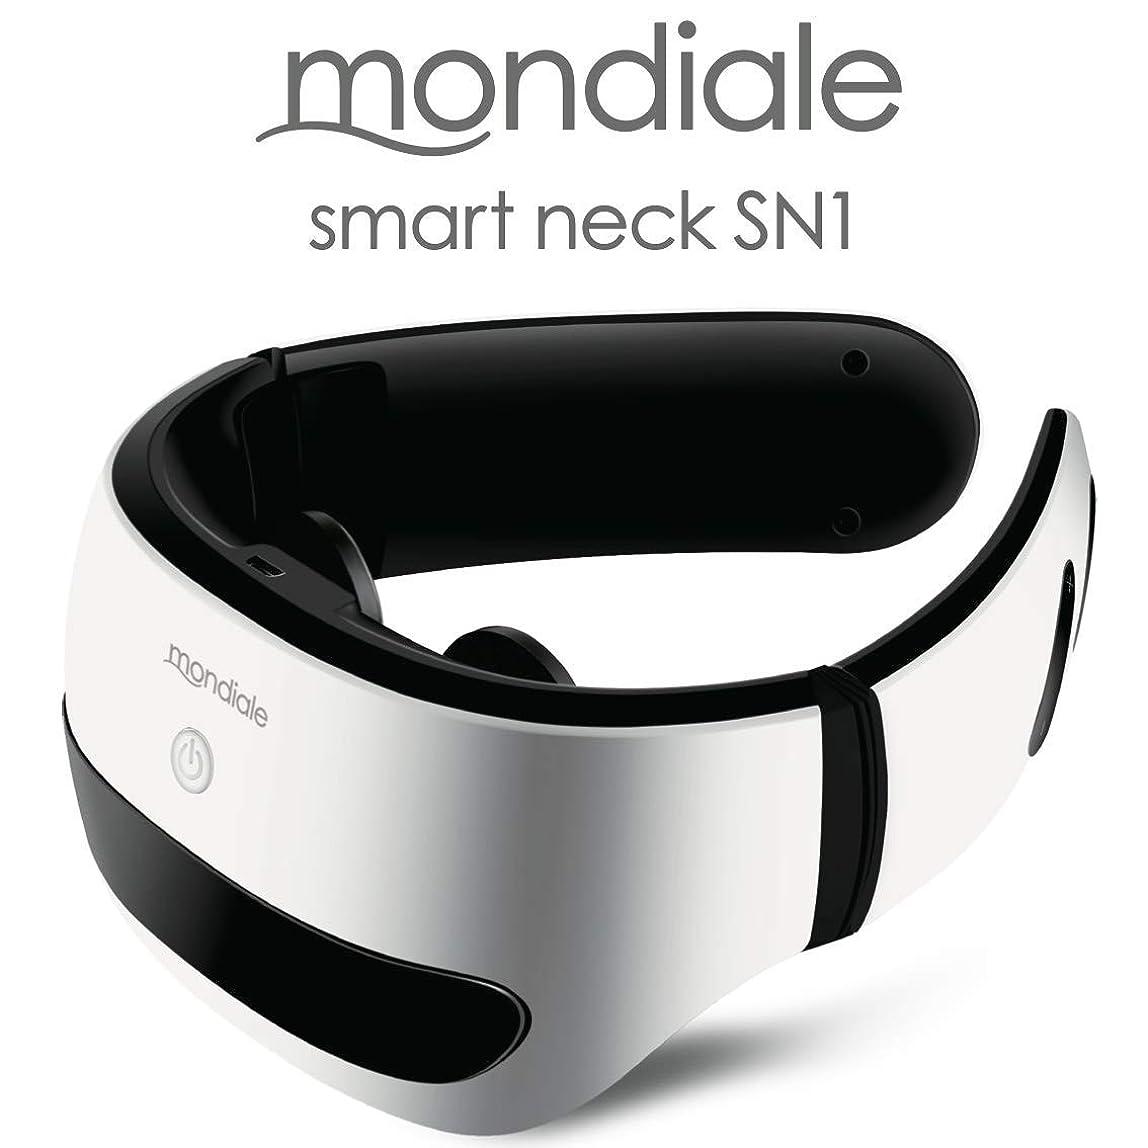 墓包帯シェルターモンデール スマートネック SN1 mondiale smart neck SN1